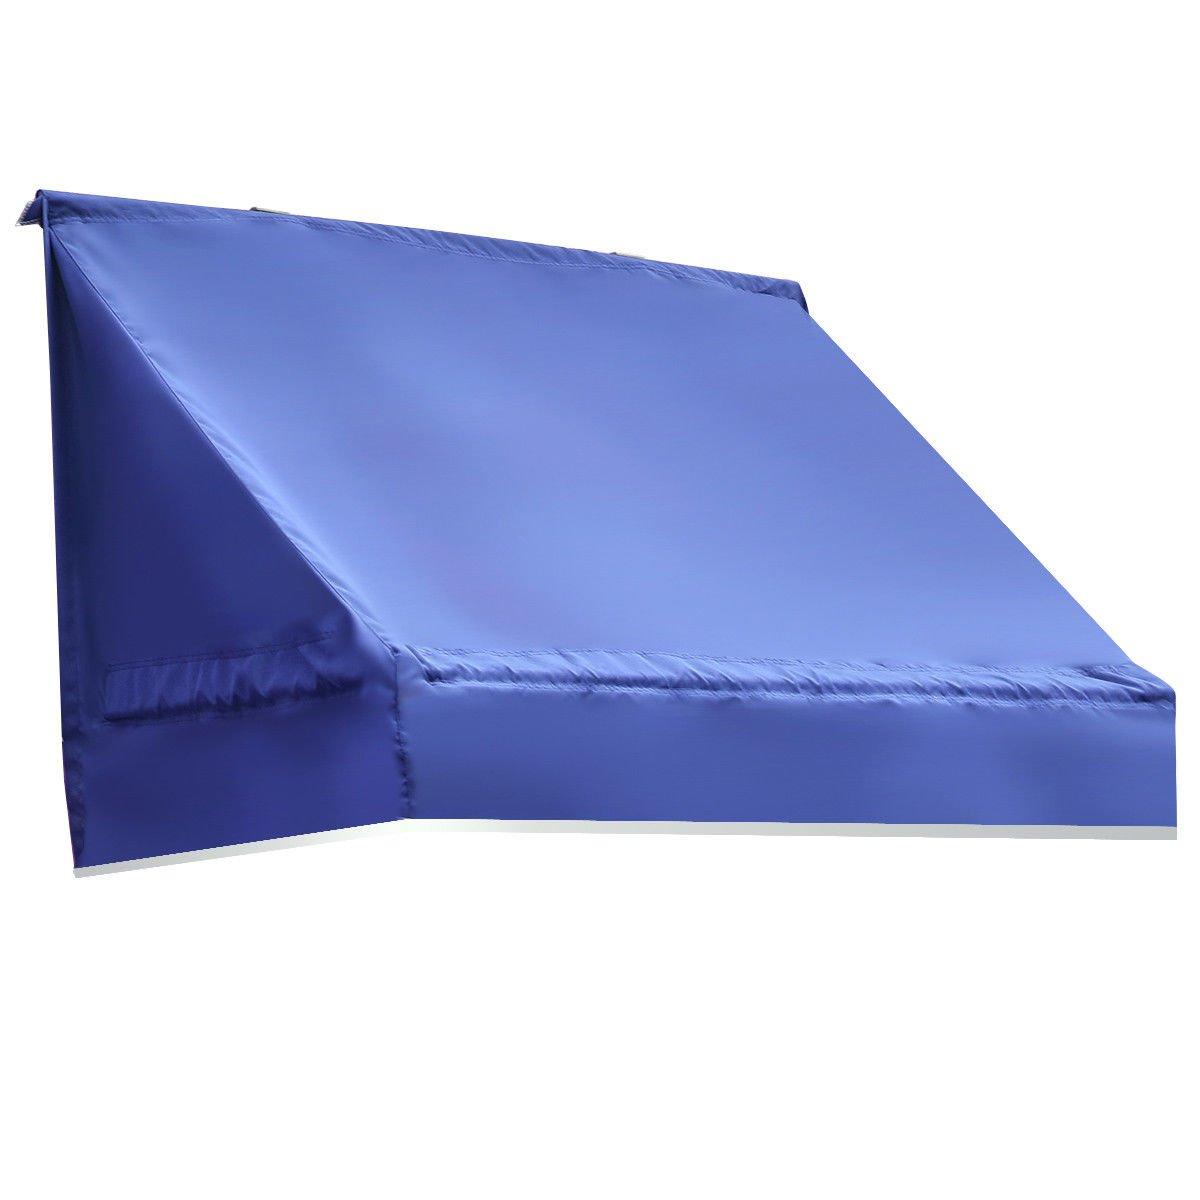 Tangkula Window Awning Outdoor Patio Door Canopy Decorator Sun Rain Shelter (2x6 ft, Blue)